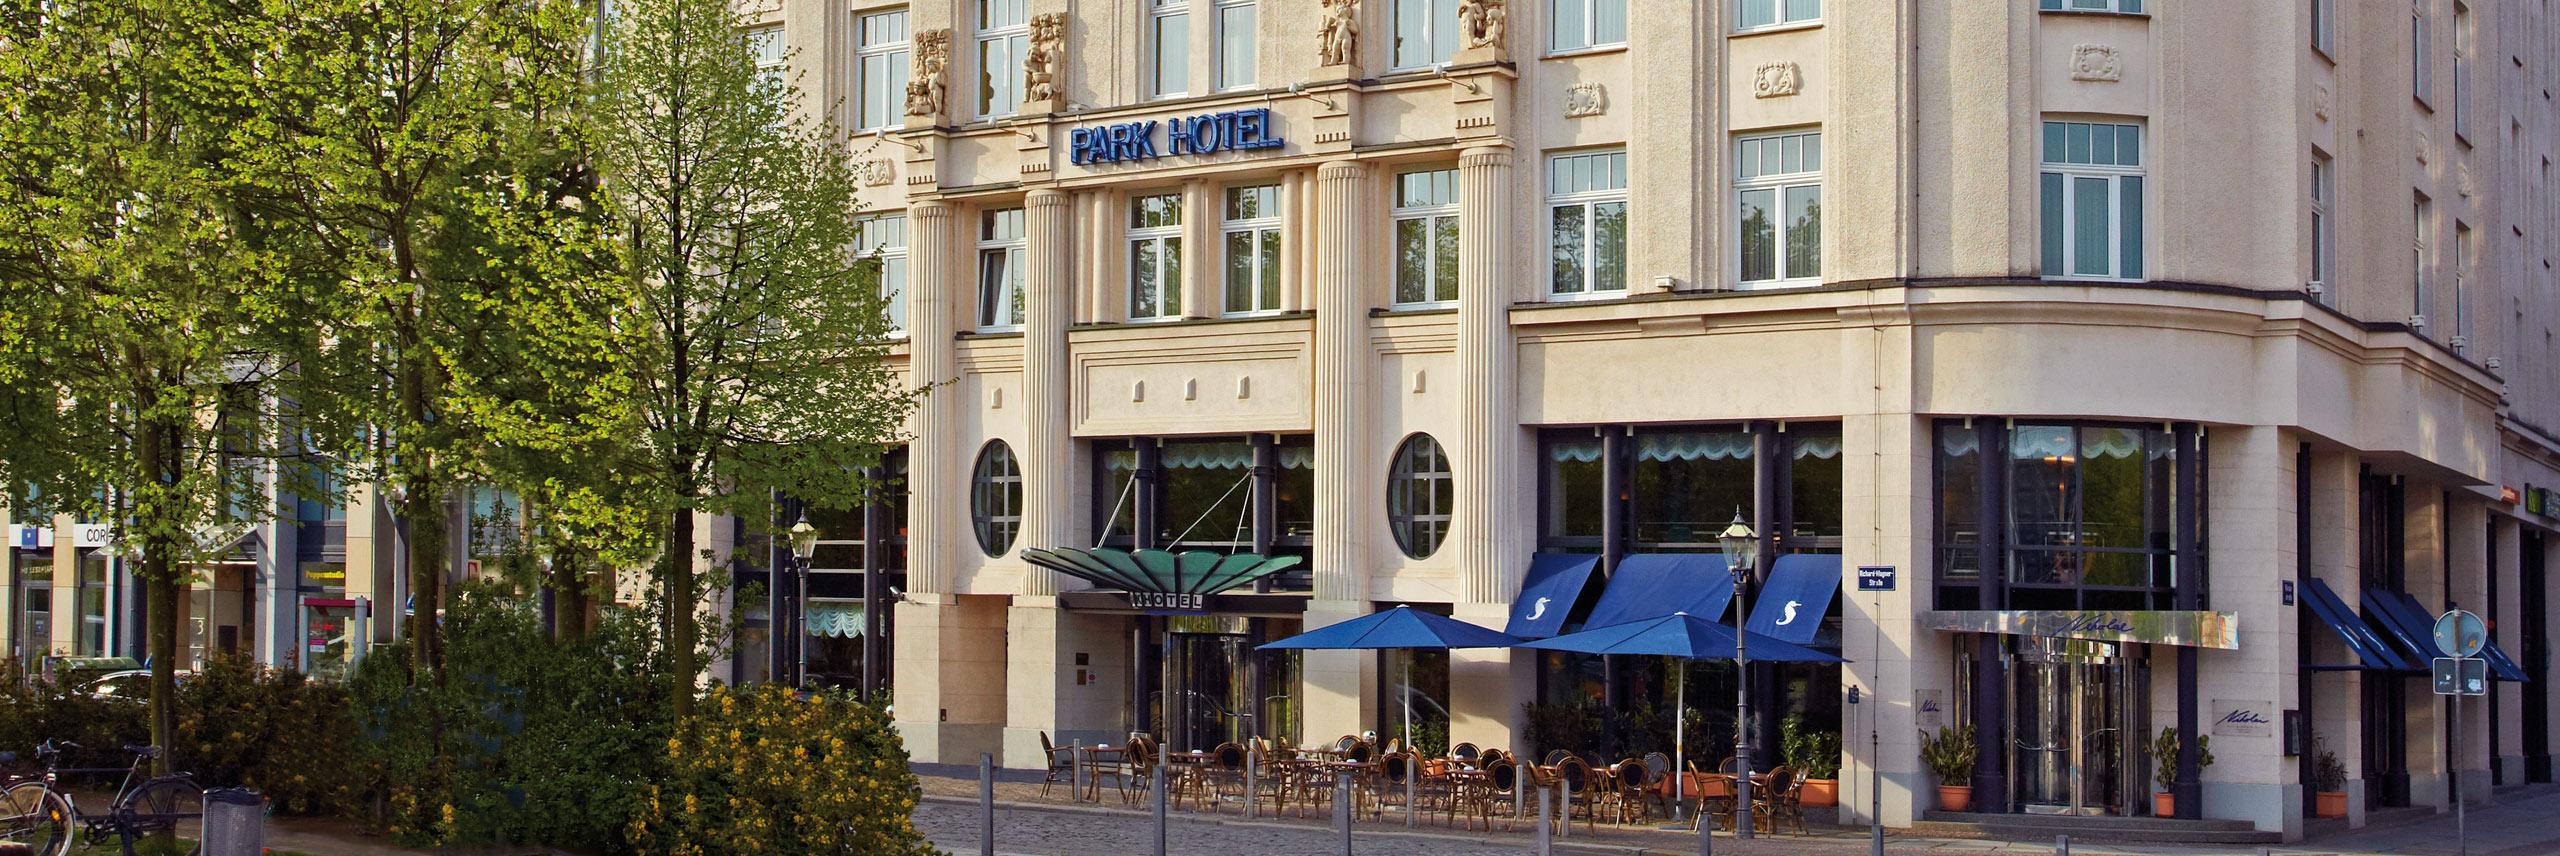 Seaside Park Hotel Richard Wagner Stra Ef Bf Bde